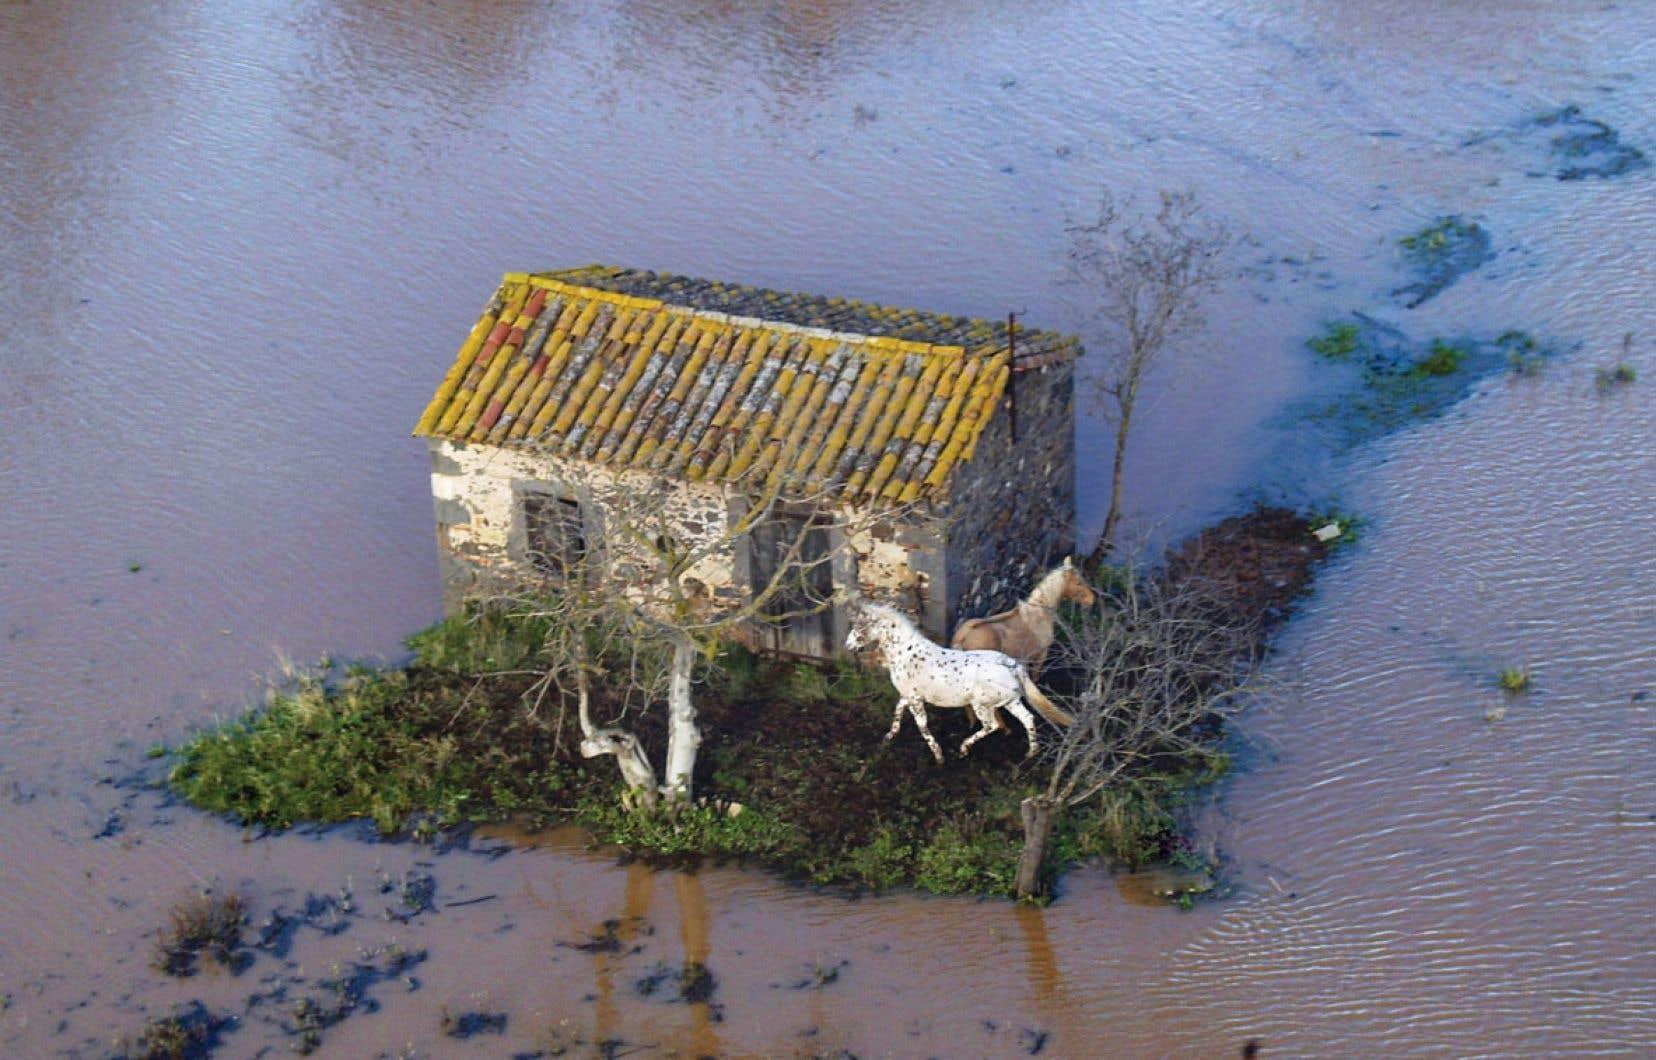 Il apparaît de plus en plus difficile de nier l'importance de l'activité humaine dans les bouleversements du climat mondial.